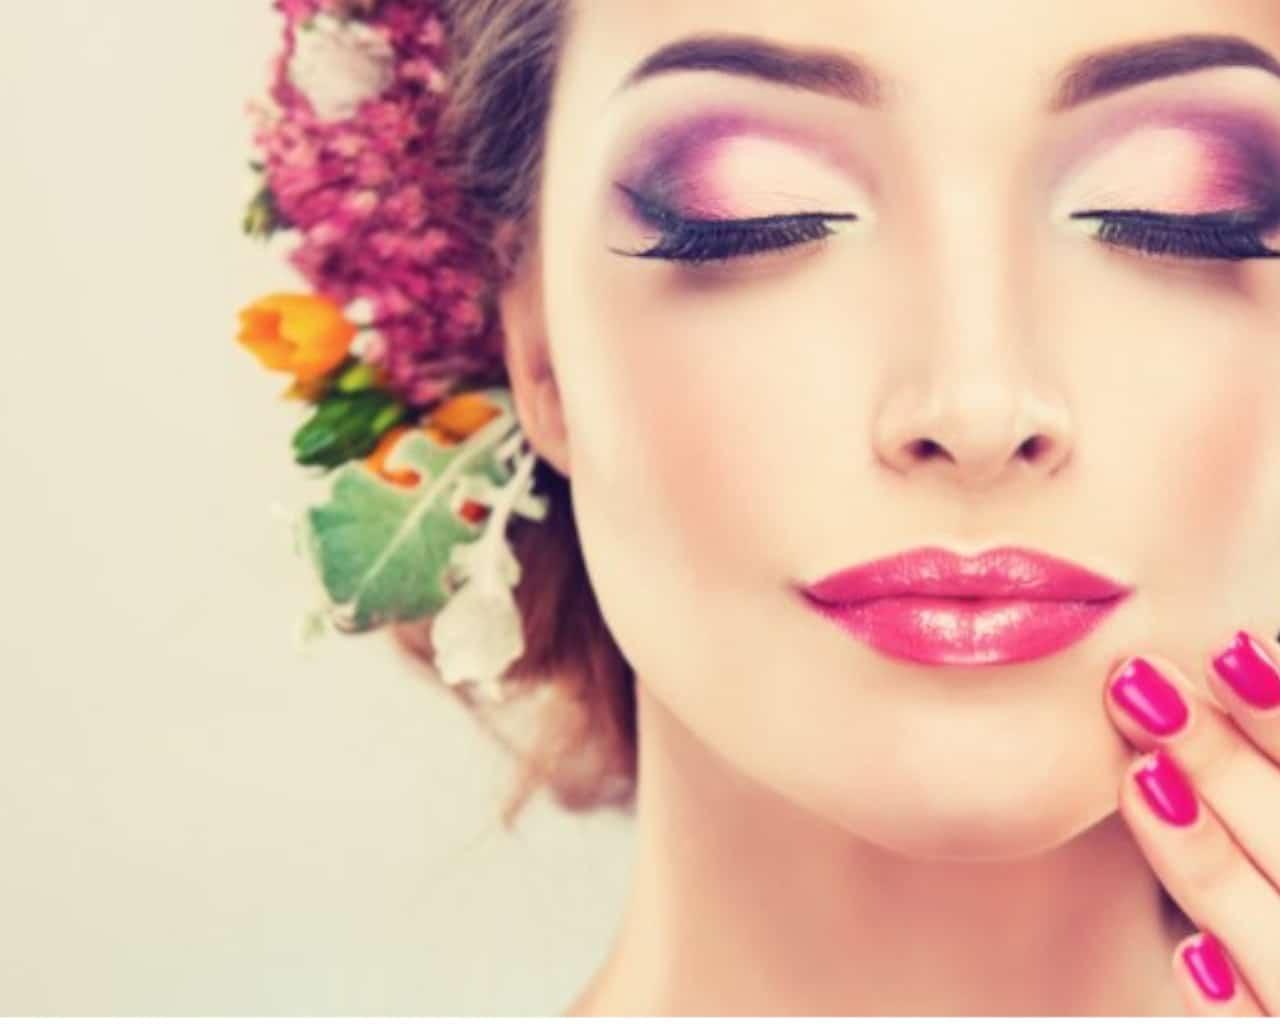 συμβουλές ομορφιάς, συμβουλές περιποίησης, φυσικά προϊόντα ομορφιάς